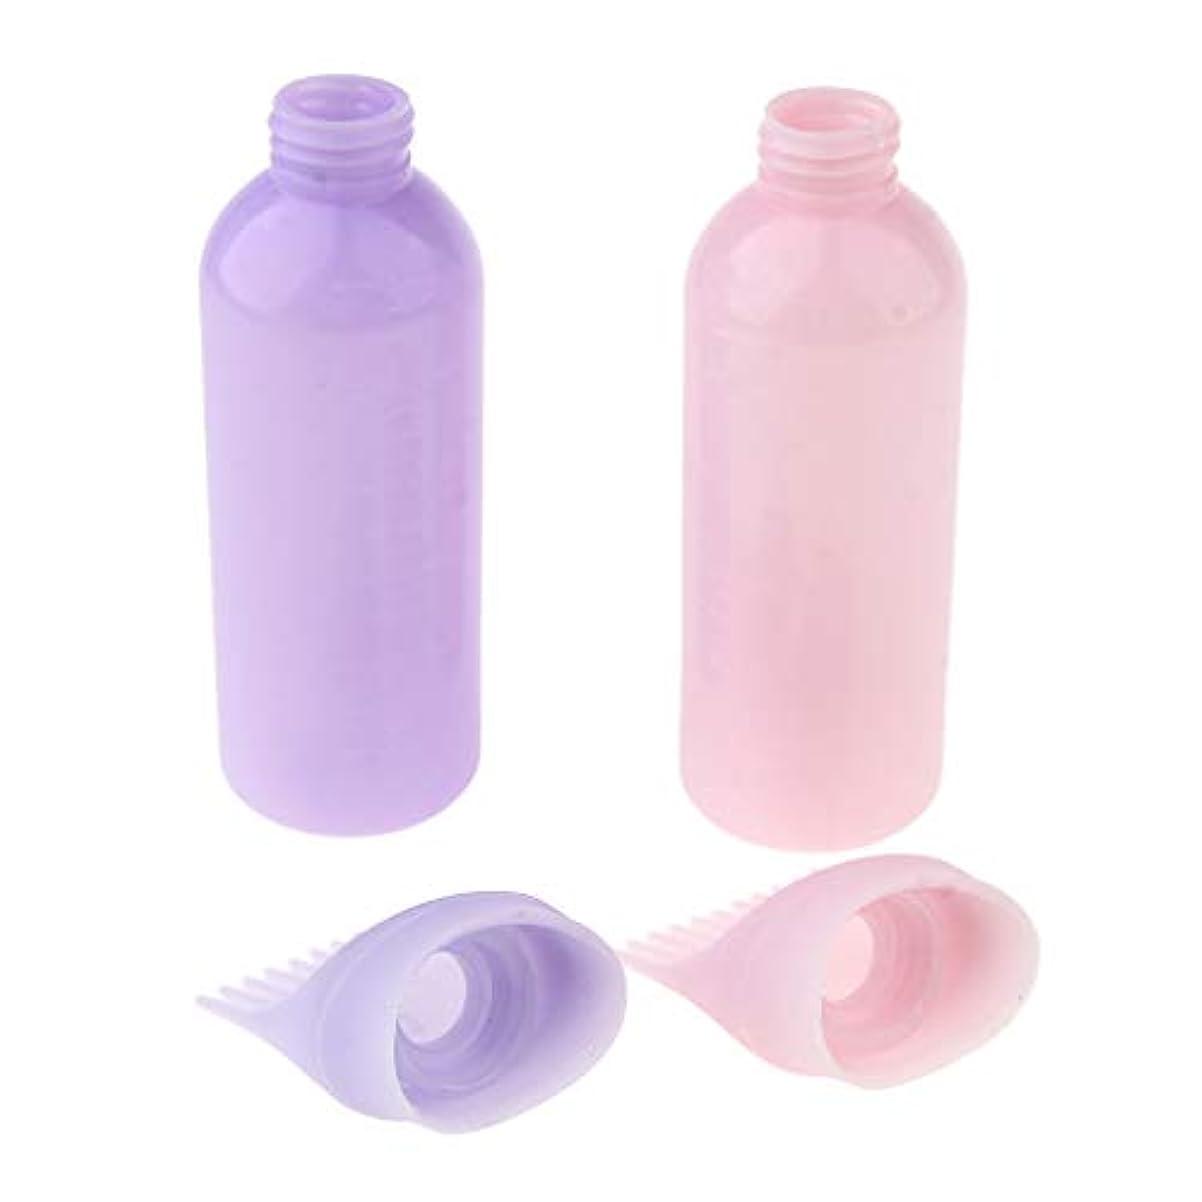 F Fityle 全2個 ヘアカラー 毛染め 着色ボトル ヘアダイコーム ブラシ サロン 美容師 ツール